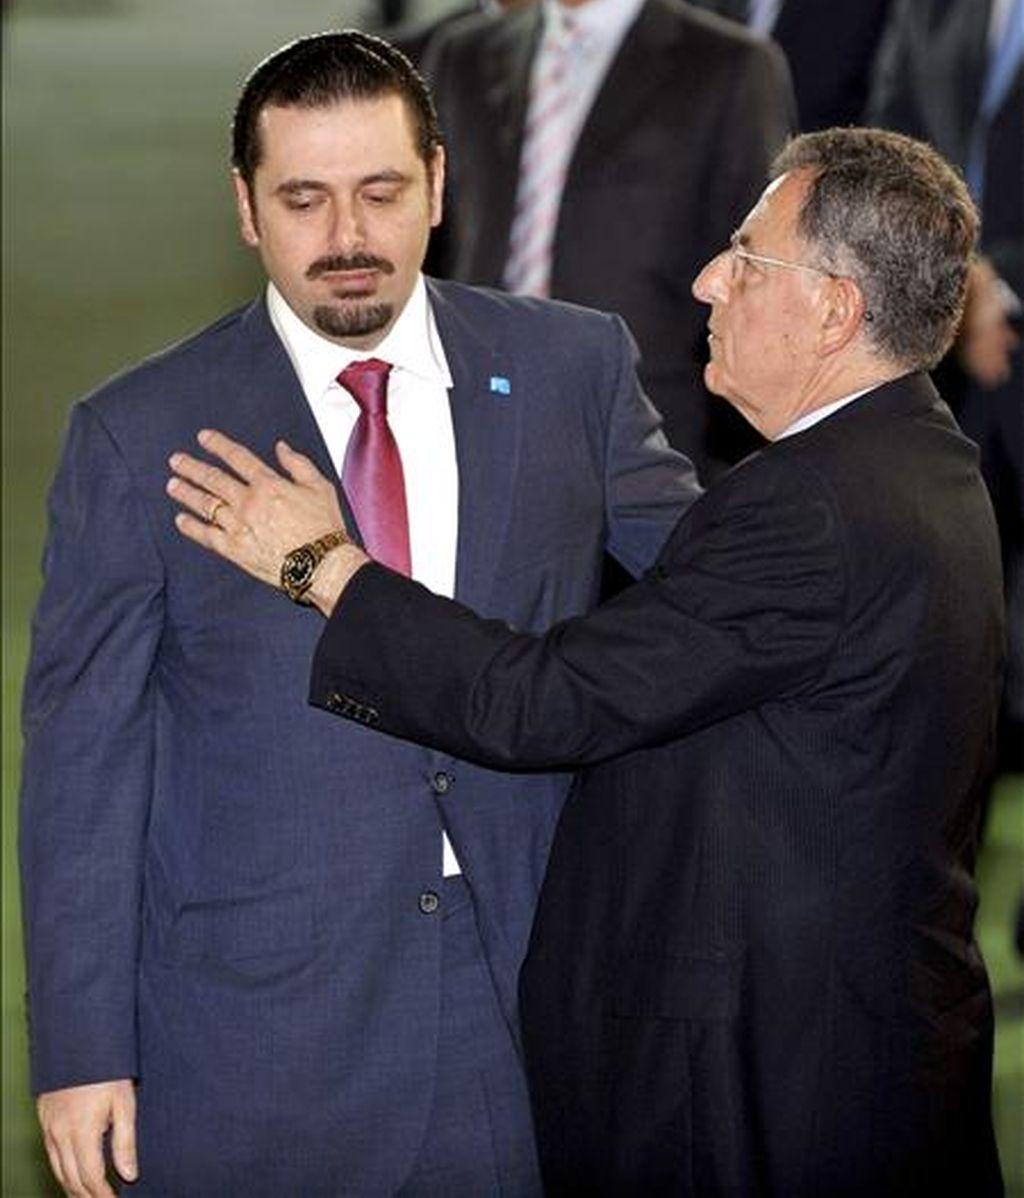 El líder de la mayoría parlamentaria libanesa, Saad Hariri (izq.), junto al hasta ahora primer ministro libanés, Fuad Siniora. EFE